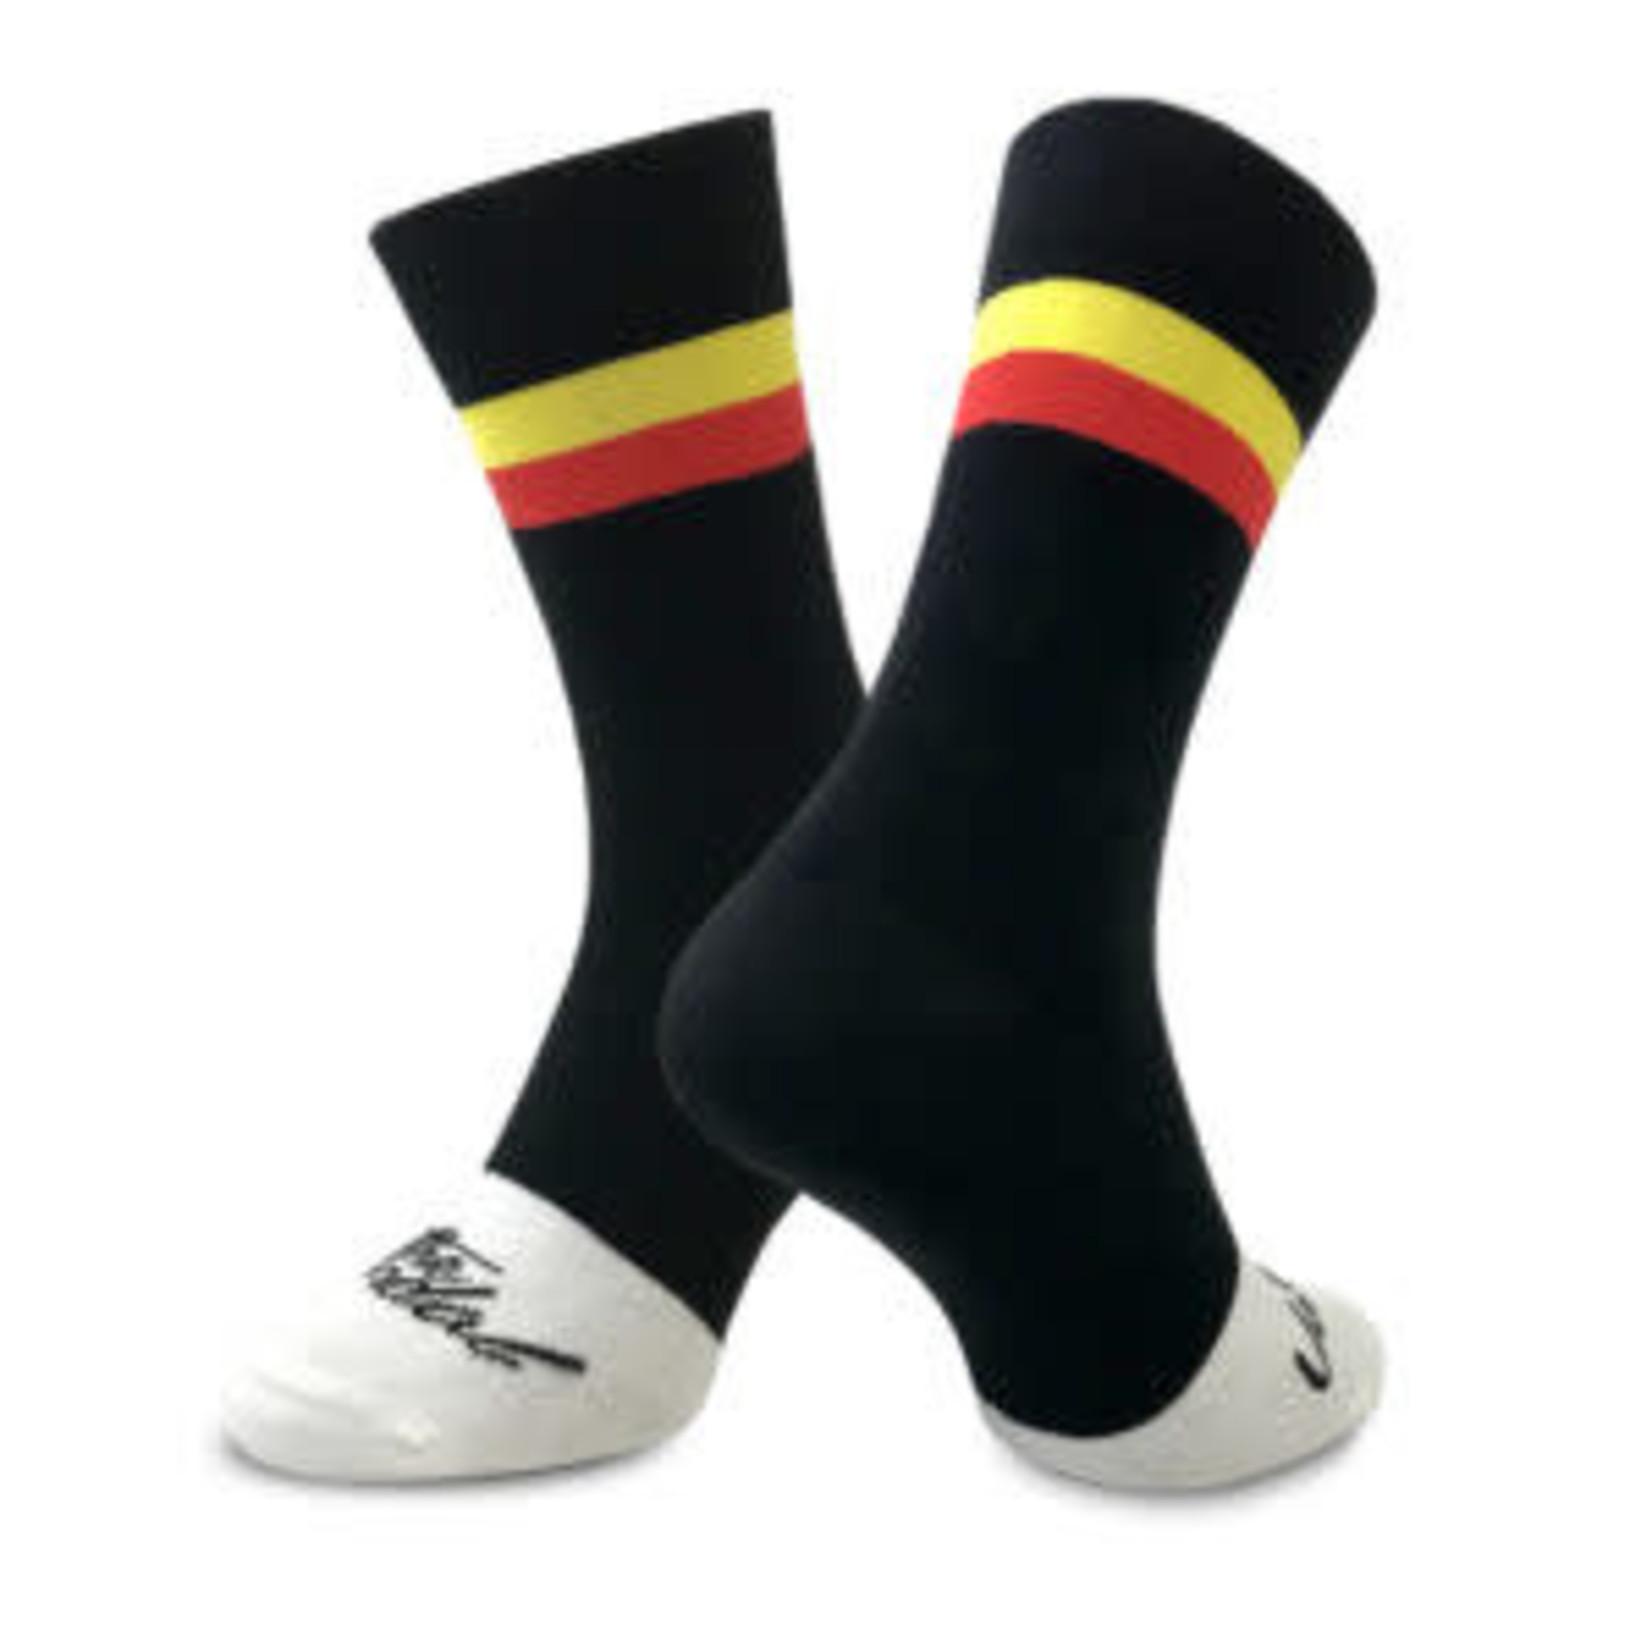 Sokken (Vandal) 'Belgium' black